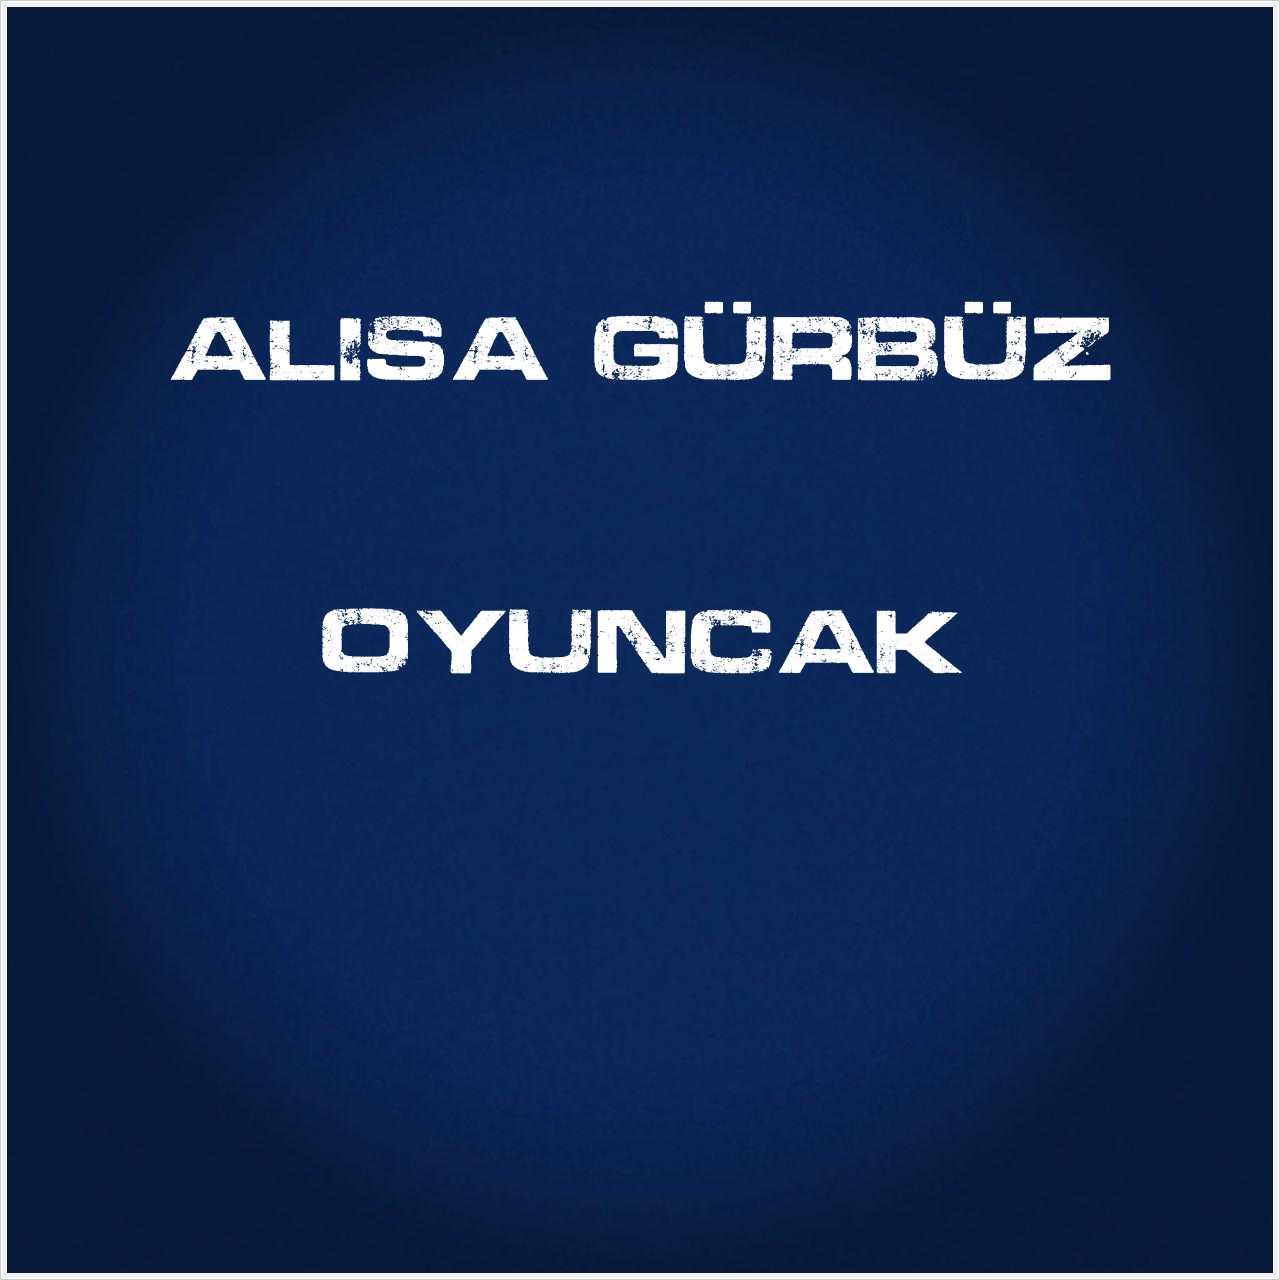 دانلود آهنگ جدید Alisa Gürbüz به نام Oyuncak